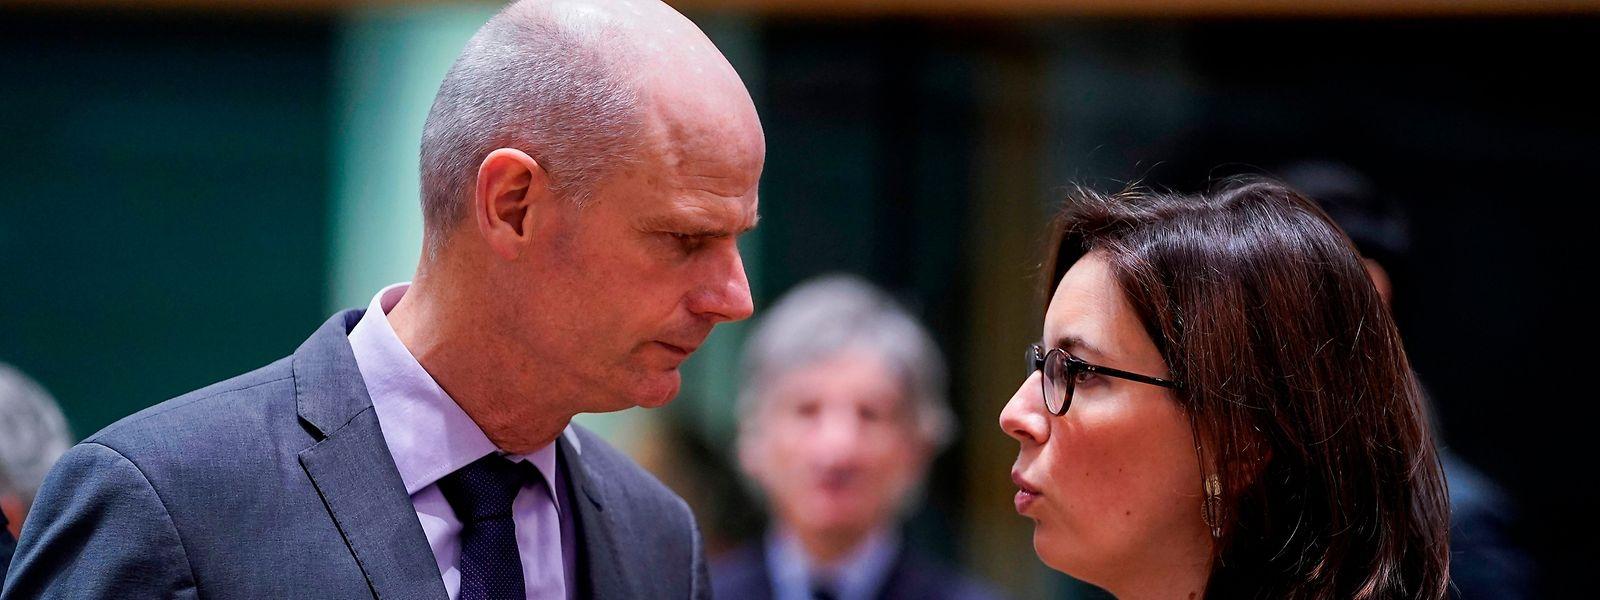 «C'est un traité très compliqué. Ce sera une tâche très difficile, une longue route nous attend», a prévenu le ministre néerlandais, Stef Blok (à g.)